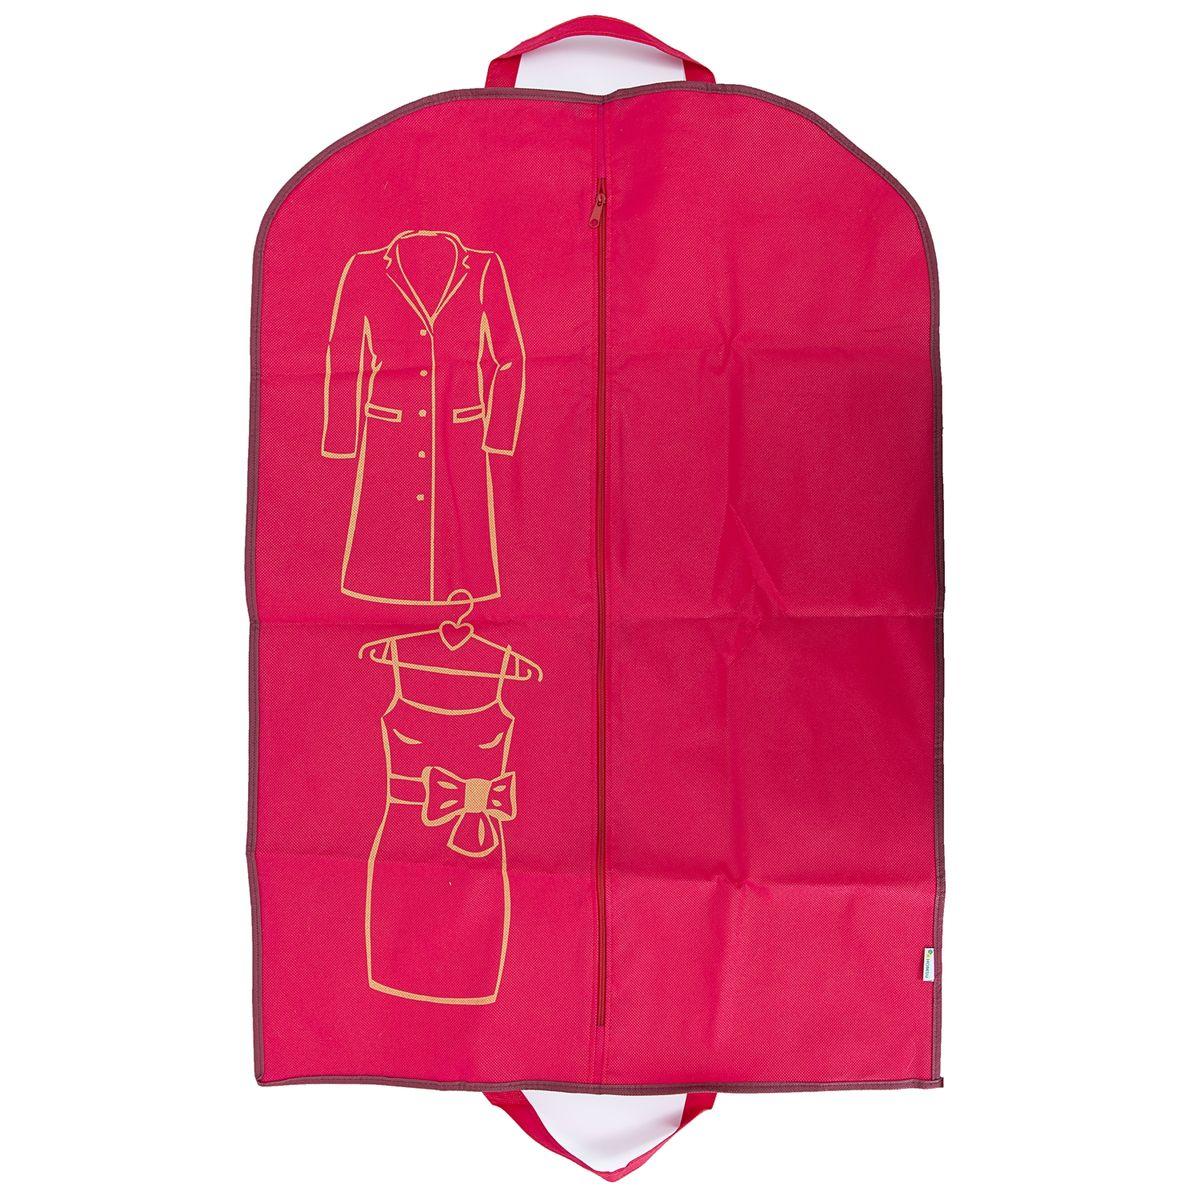 Чехол для одежды Homsu Lady in Red, 90 х 60 смHOM-656Удобный чехол для хранения и перевозки одежды. Изготовлен из высококачественного материала, поможет полноценно сберечь вашу одежду, как в домашнем хранении, так и во время транспортировки. Размер изделия:90x60см.